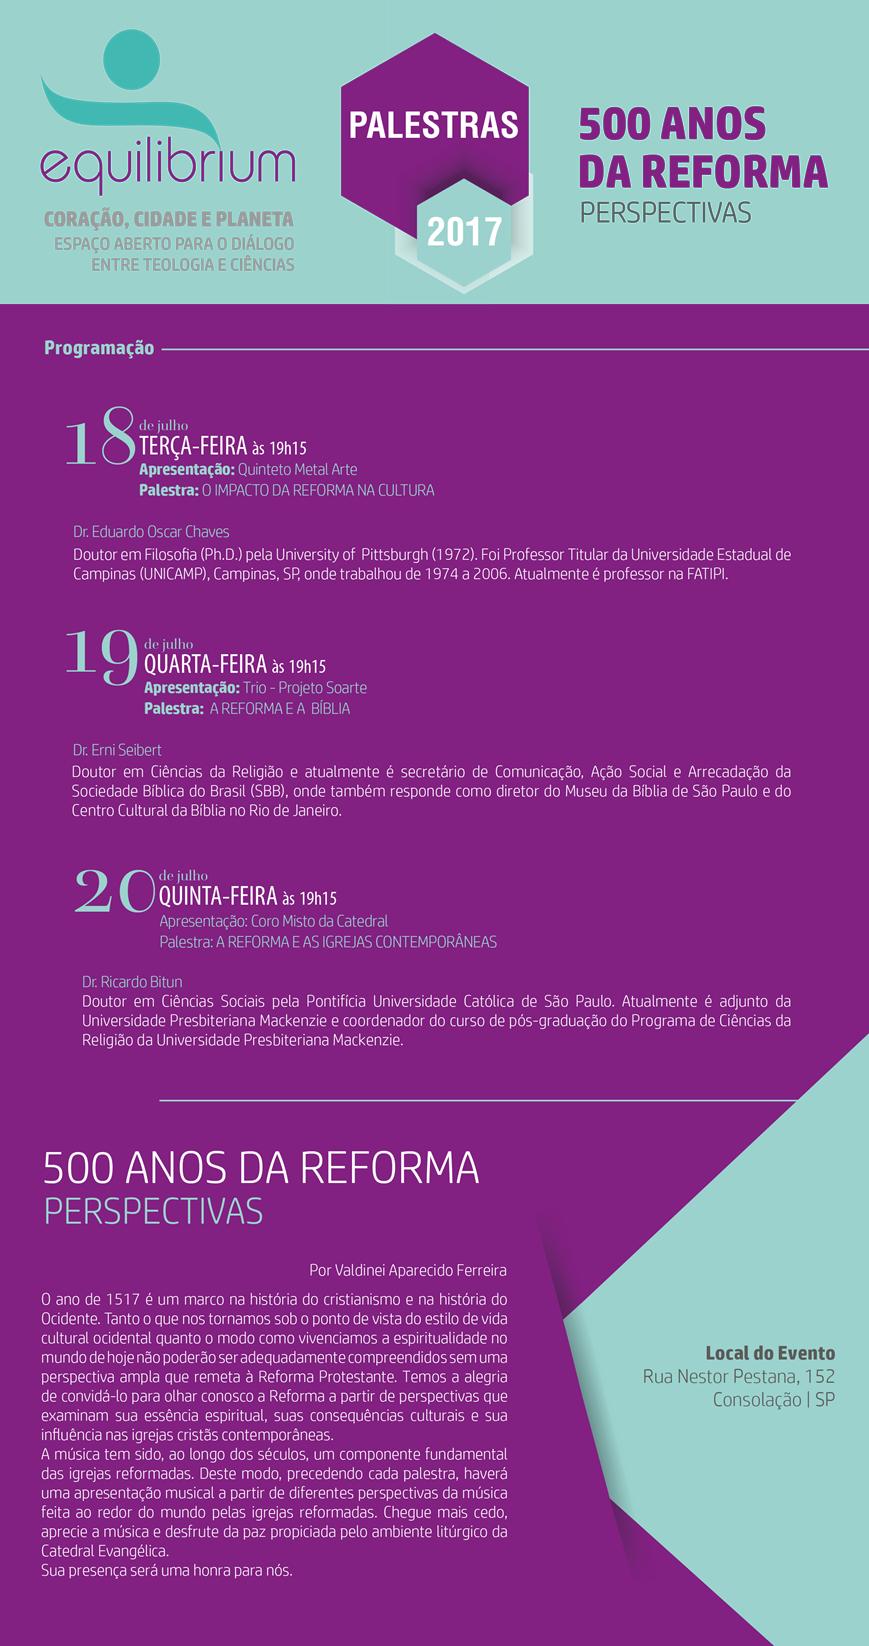 Catedral - 500 Anos da Reforma